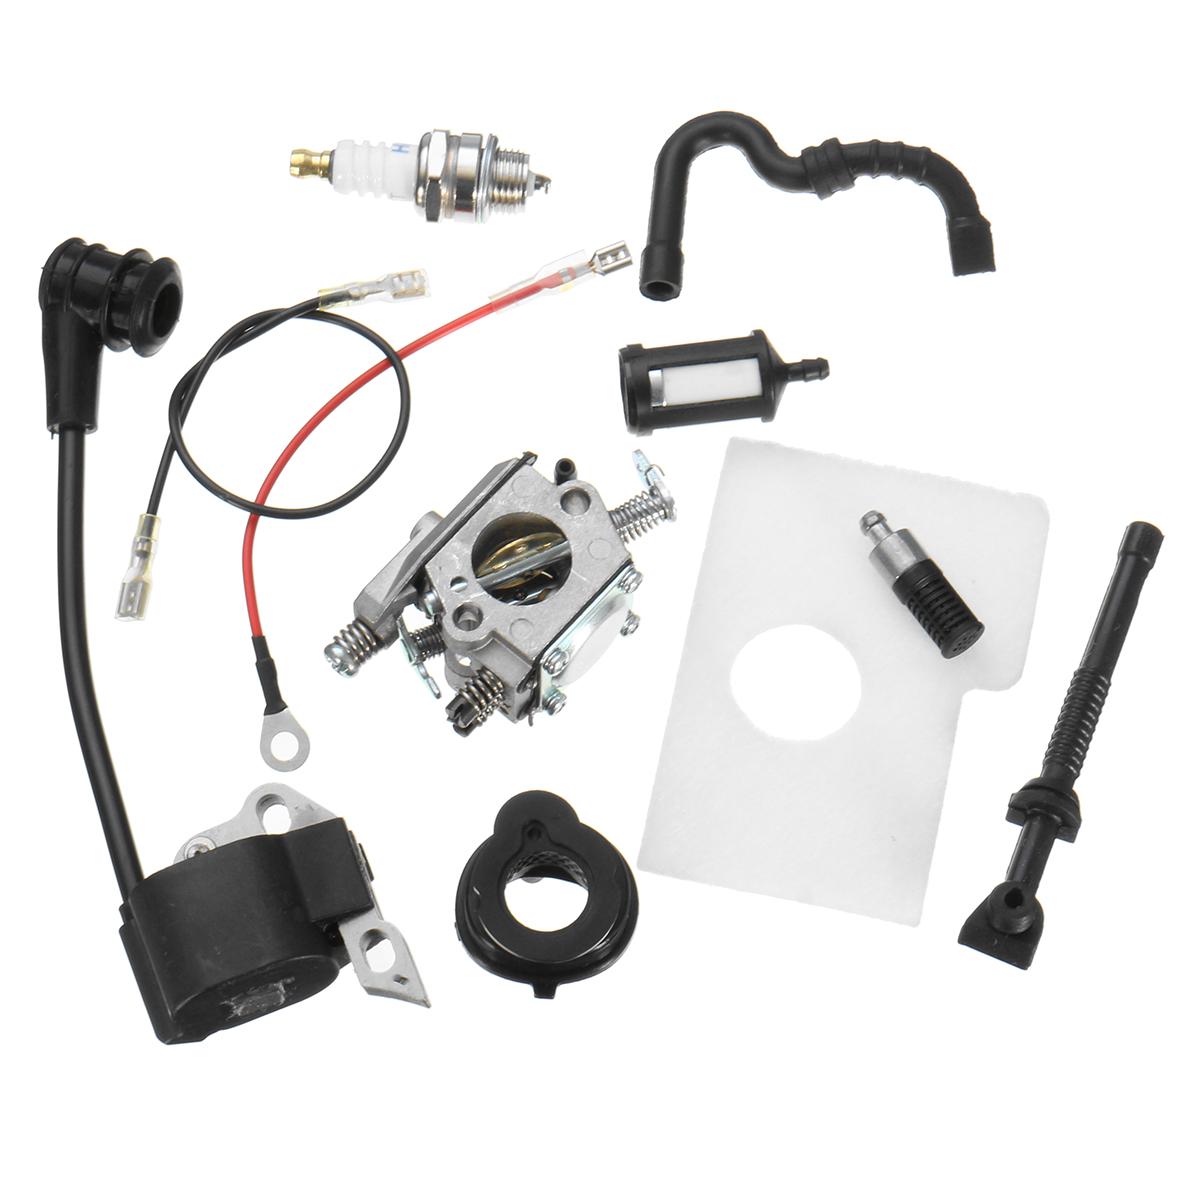 car tool carburetor ignition coil wire fuel filter for. Black Bedroom Furniture Sets. Home Design Ideas